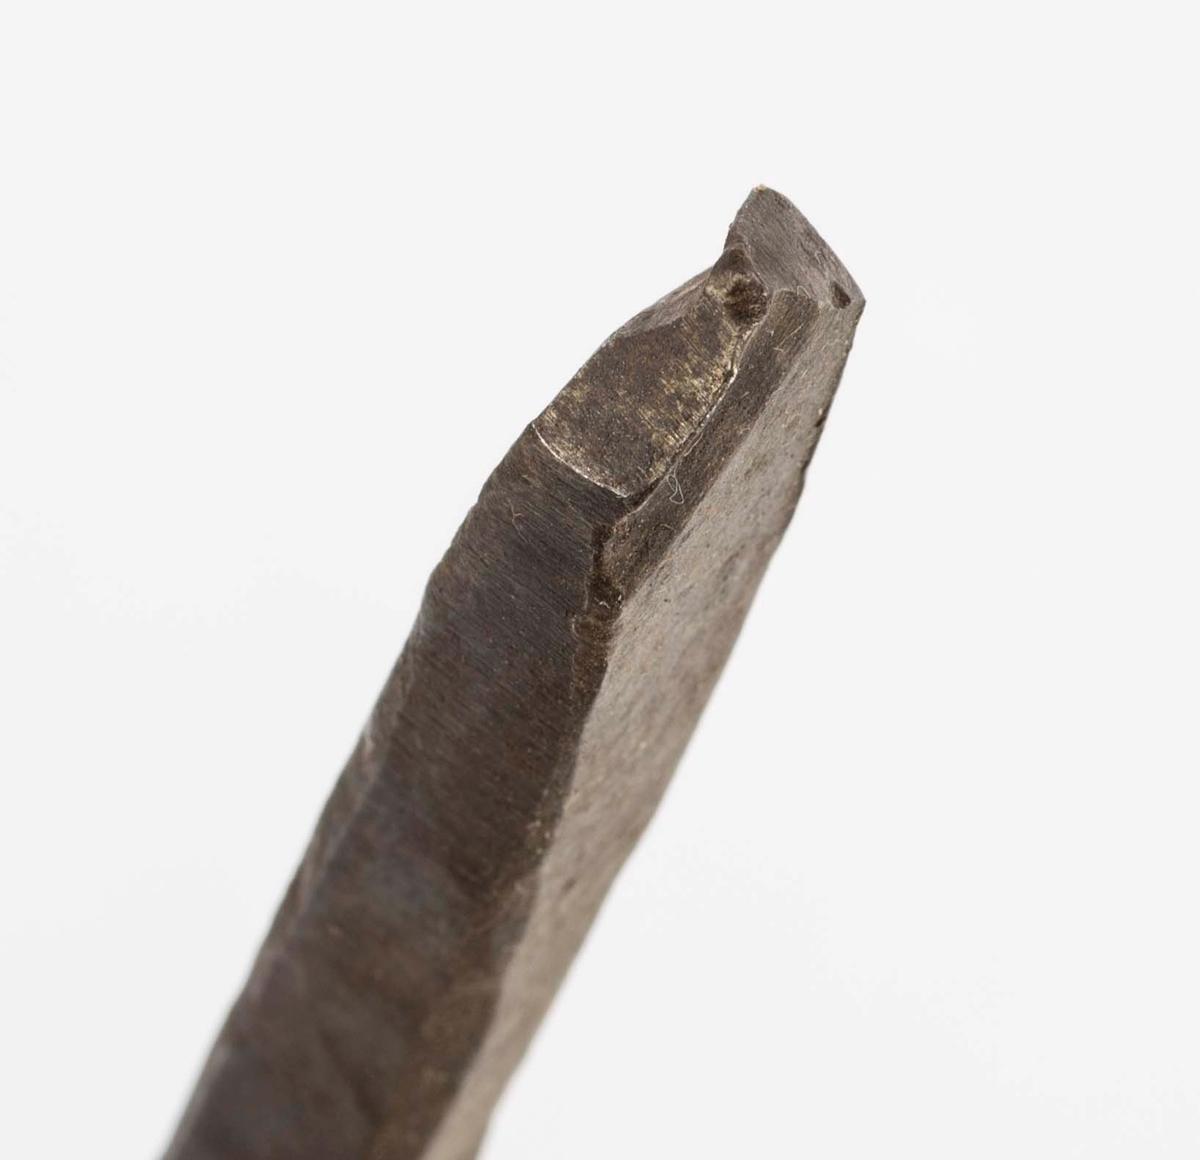 """NTM: """"Disse gamle jernbor er smidd ved Sølvverket og var alminnelig brukt på slutten av det 19de århundre."""" Jf. BVM 109, 3973-3974 og 3976."""